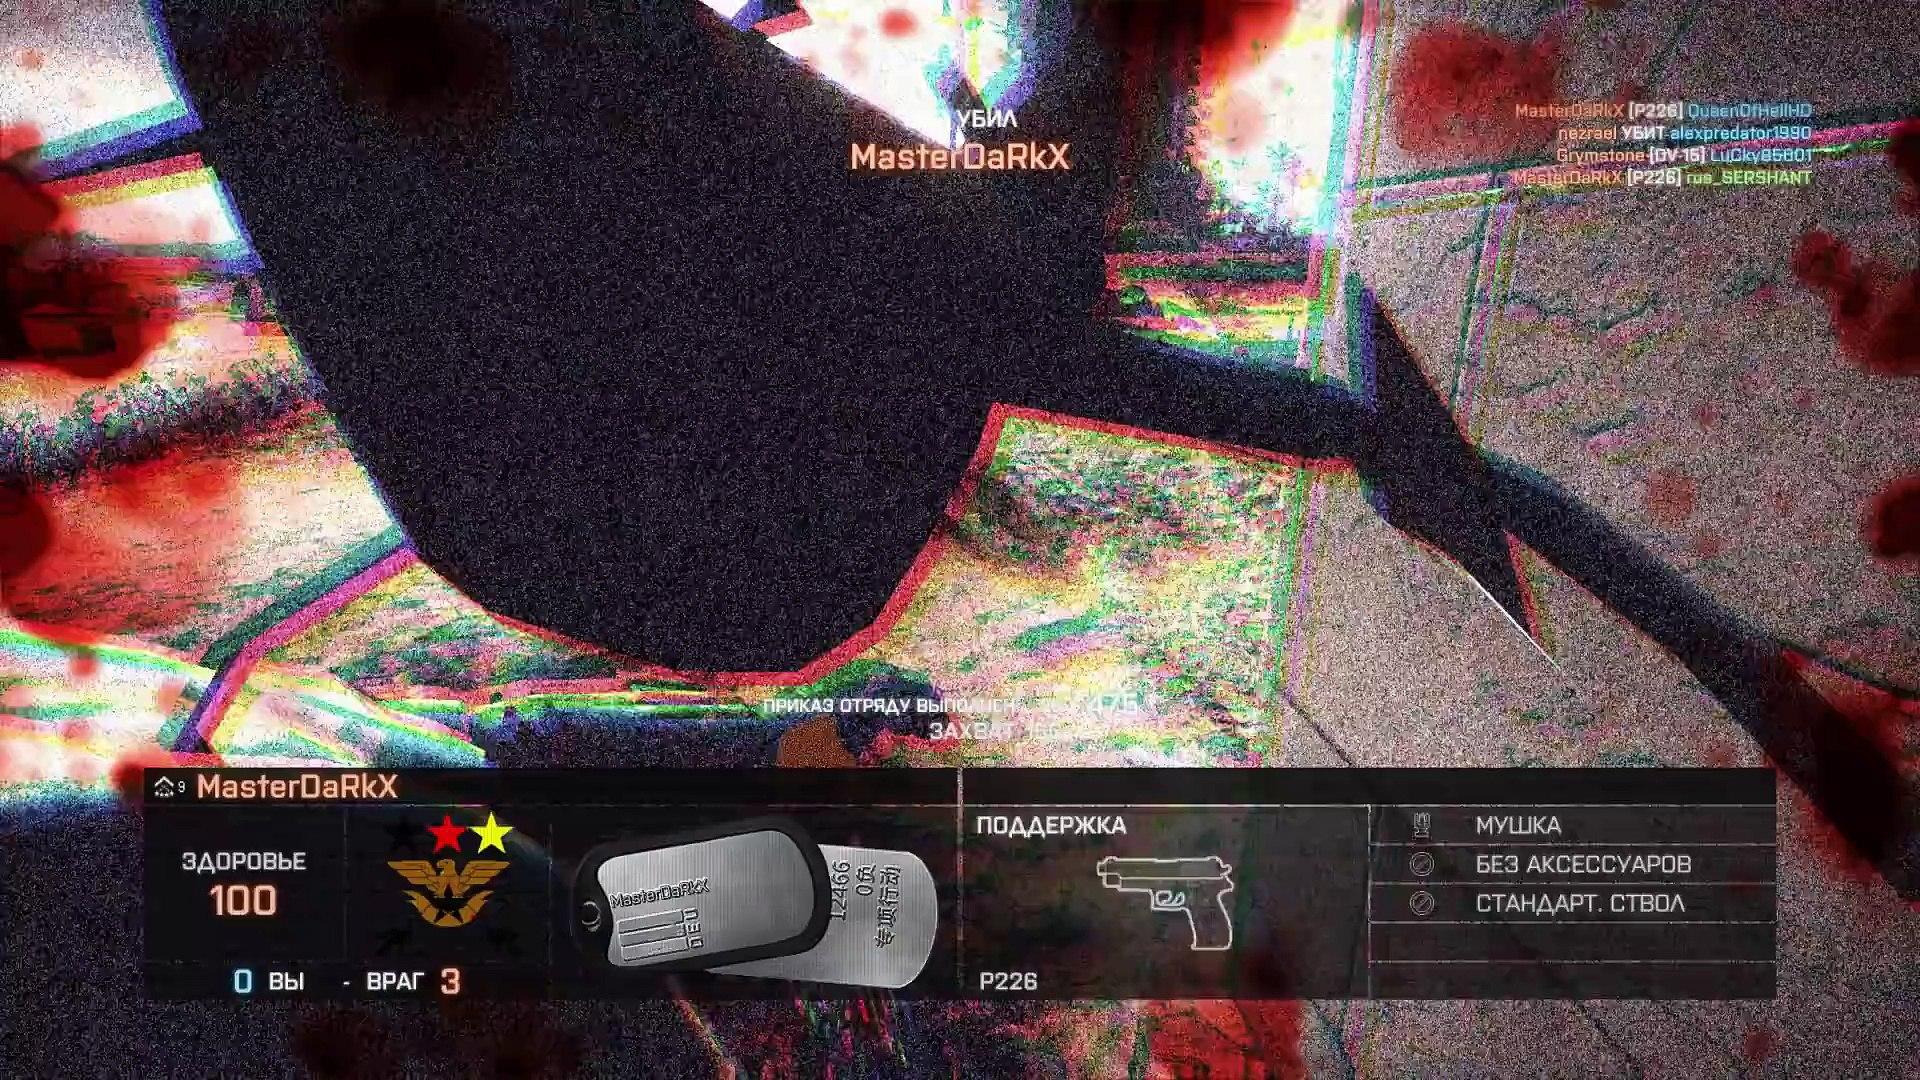 Только боль, неудача и смерть... Battlefield 4